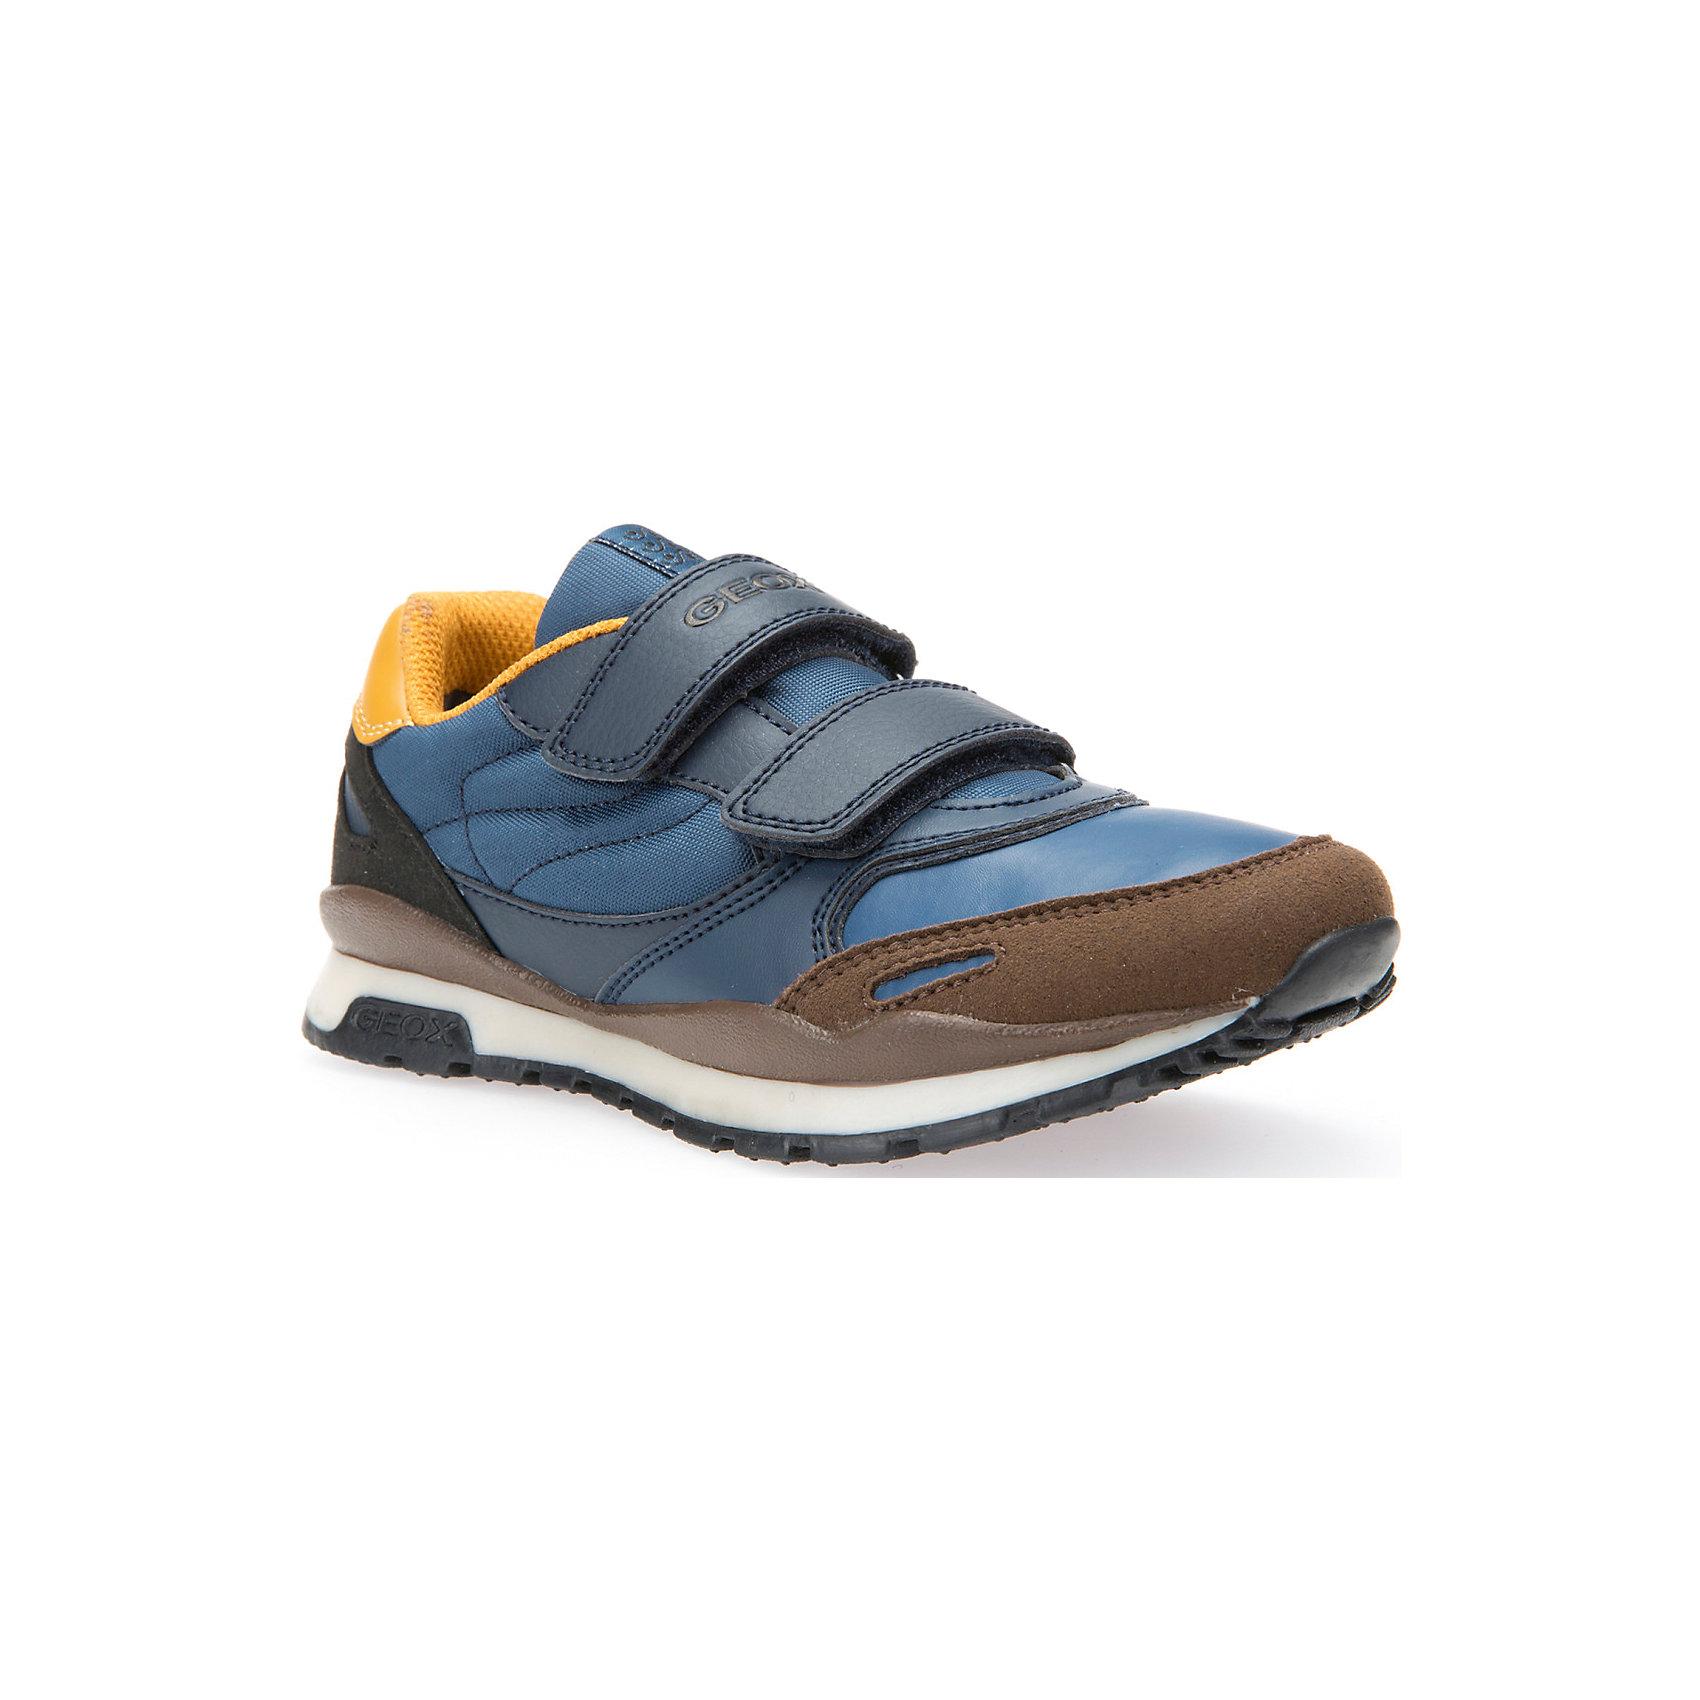 Кроссовки для мальчика GEOXКроссовки<br>Кроссовки для мальчика GEOX.<br>Кроссовки от GEOX (ГЕОКС) выполнены из искусственной кожи, внутренняя отделка из текстиля, стелька из натуральной кожи.  Застежки-липучки надежно фиксируют обувь на ногах, облегчая снятие и надевание. Колодка соответствует анатомическим особенностям строения детской стопы. Качественная амортизация снижает нагрузку на суставы. Запатентованная гибкая перфорированная подошва со специальной микропористой мембраной обеспечивает естественное дыхание обуви. Ноги остаются сухими в течение всего дня.<br><br>Дополнительная информация:<br><br>- Сезон:повседневная;<br>- Цвет:  синий, коричневый;<br>- Материал верха: 67% синтетический материал, 33% текстиль;<br>- Внутренний материал: 82% текстиль, 18% синтетический материал;<br>- Материал стельки: 100% натуральная кожа;<br>- Материал подошвы: 100 % резина;<br>- Тип застежки: липучка;<br>- Материалы и продукция прошли сертификацию T?V S?D, на отсутствие веществ, опасных для здоровья покупателей.<br><br>Кроссовки для мальчика GEOX (ГЕОКС) можно купить в нашем интернет-магазине.<br><br>Ширина мм: 250<br>Глубина мм: 150<br>Высота мм: 150<br>Вес г: 250<br>Цвет: голубой<br>Возраст от месяцев: 84<br>Возраст до месяцев: 96<br>Пол: Мужской<br>Возраст: Детский<br>Размер: 31,37,36,38,32,33,30,35,27,34,28,29<br>SKU: 4864826